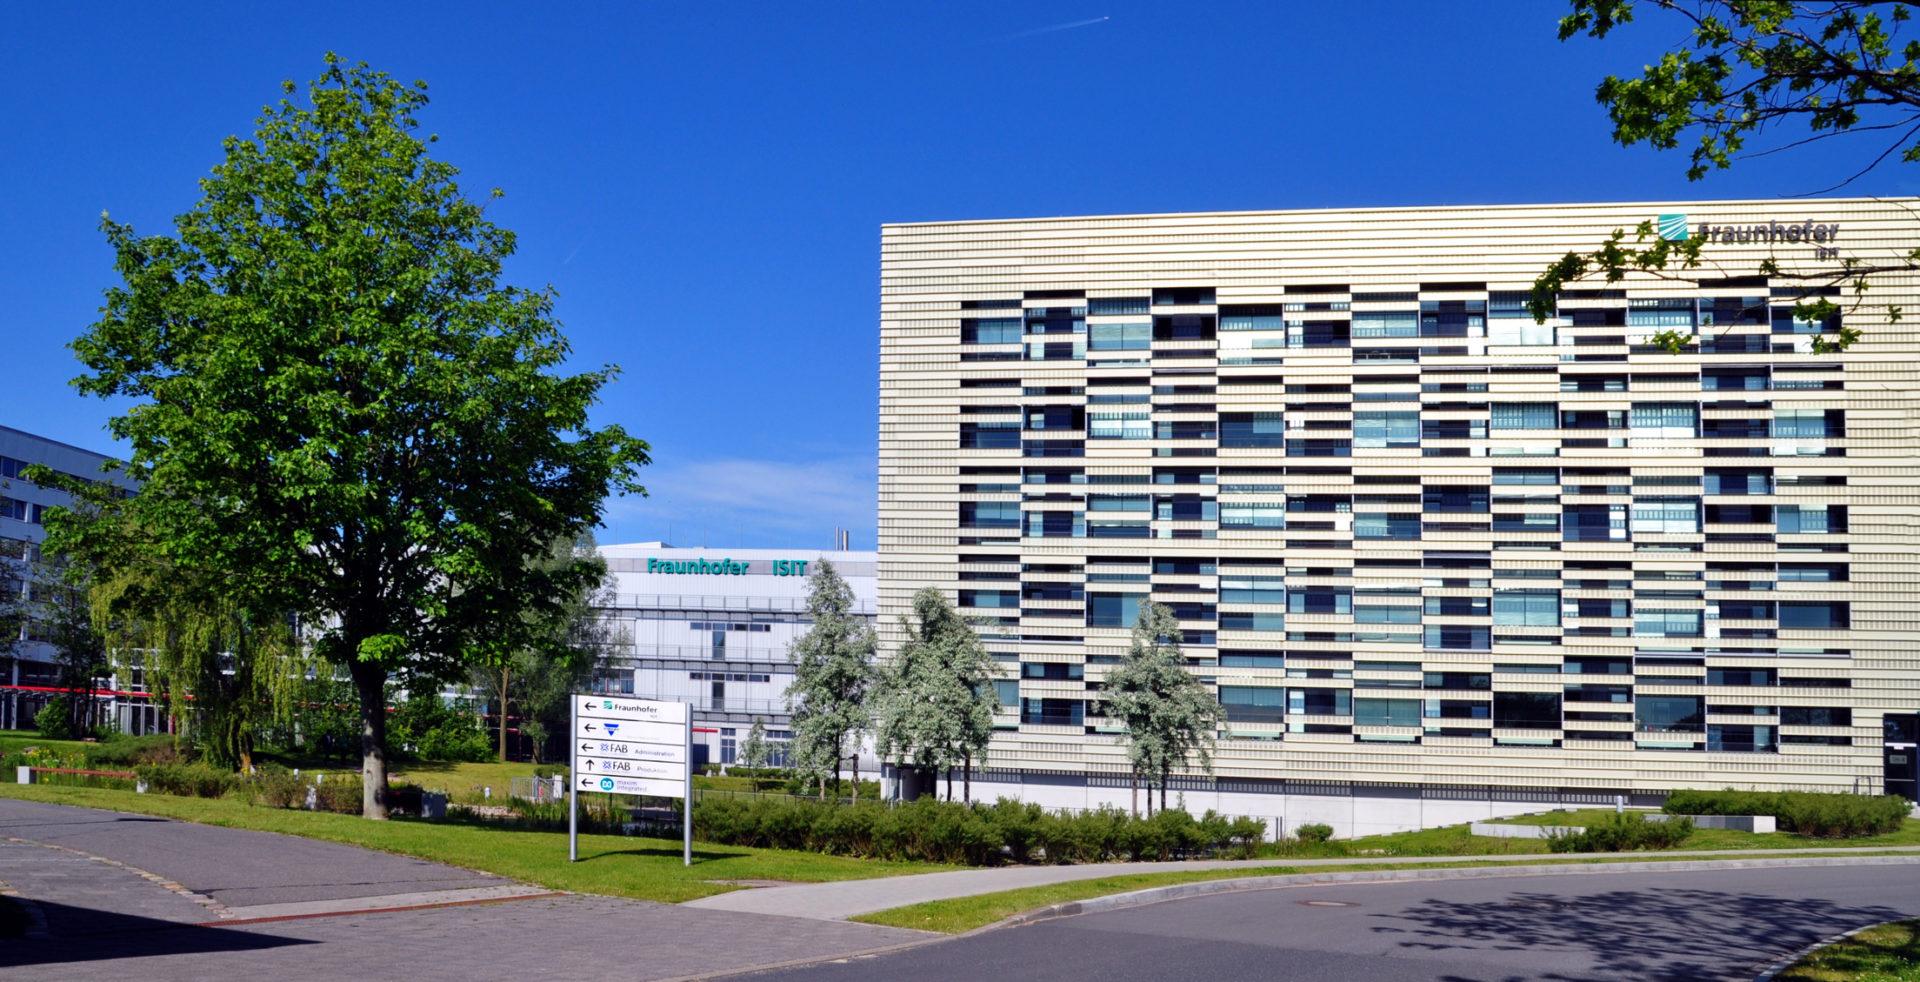 Fraunhofer ISIT, Itzehoe